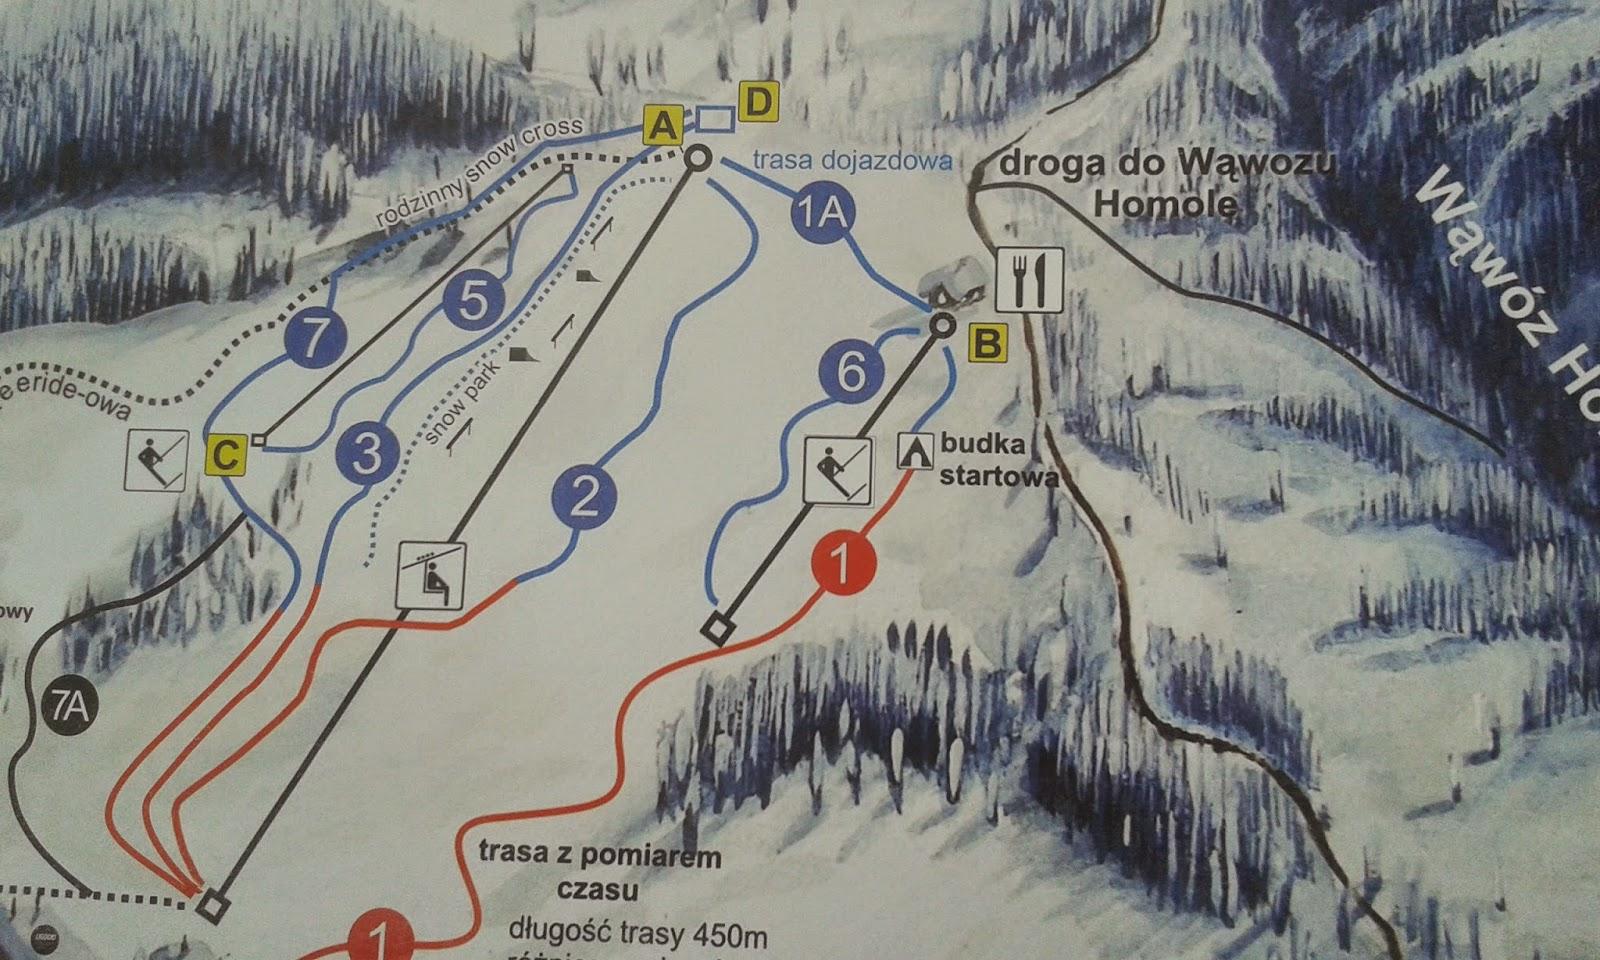 Trasy narciarskie Arena Homole